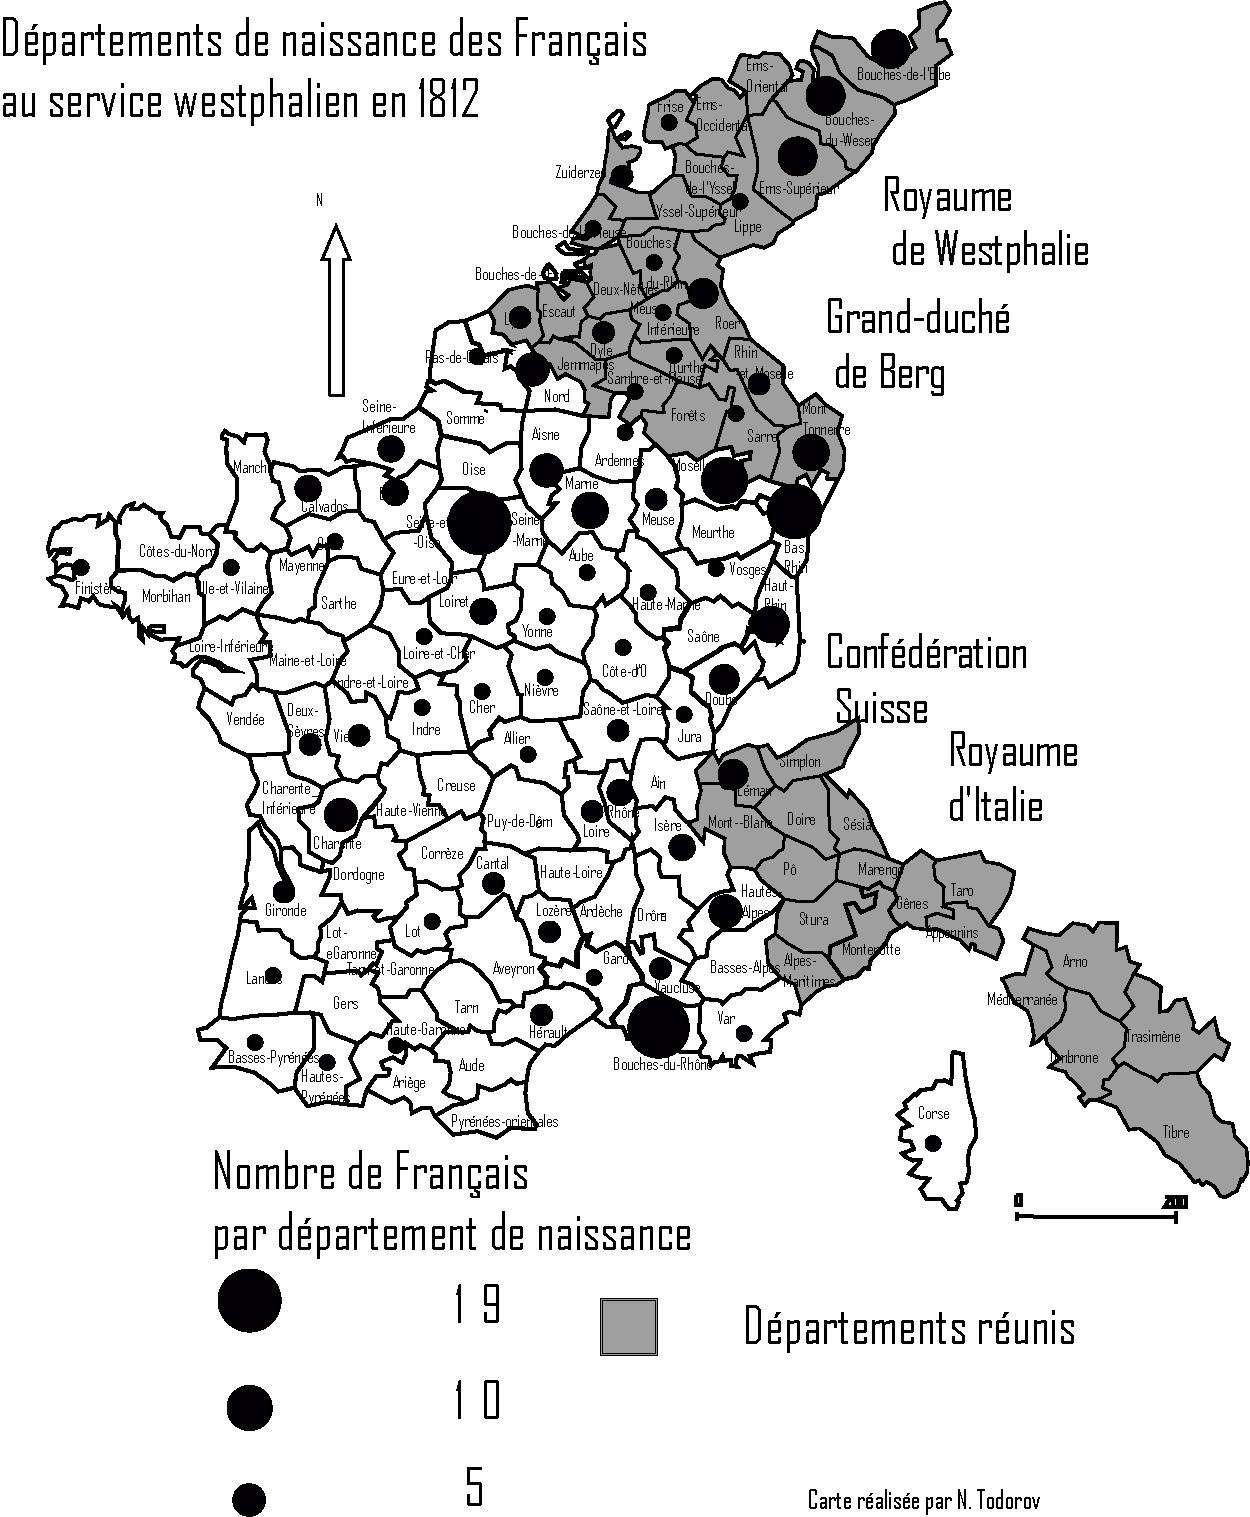 Geografische Herkunft der Franzosen, die Anträge auf Patentbriefe für den weiteren Dienst in Westfalen gestellt haben